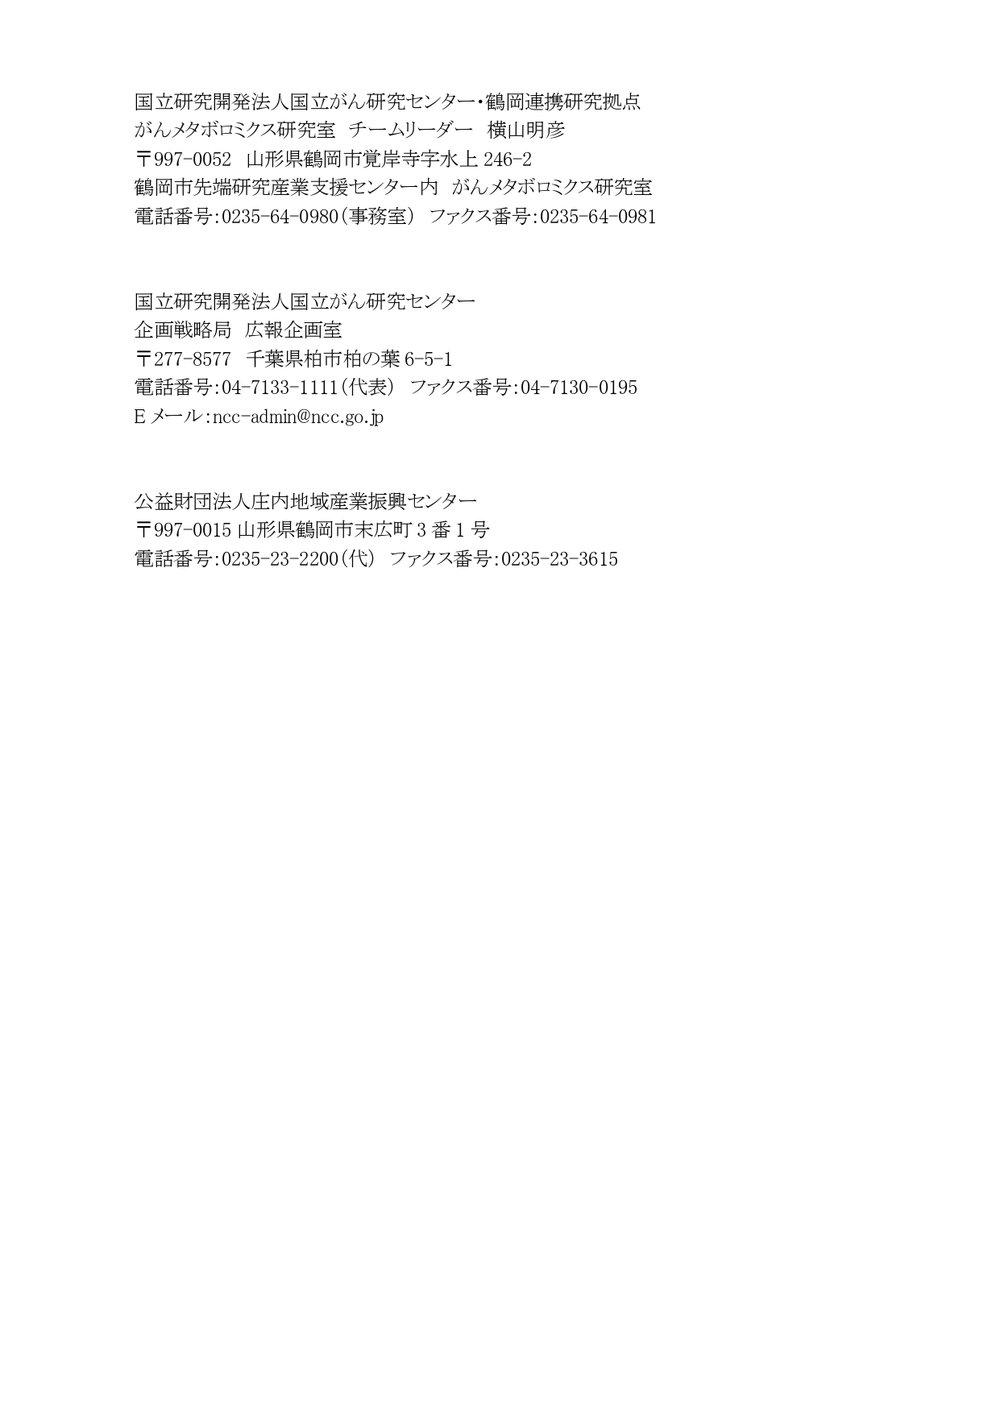 プレスリリース_page-0002.jpg